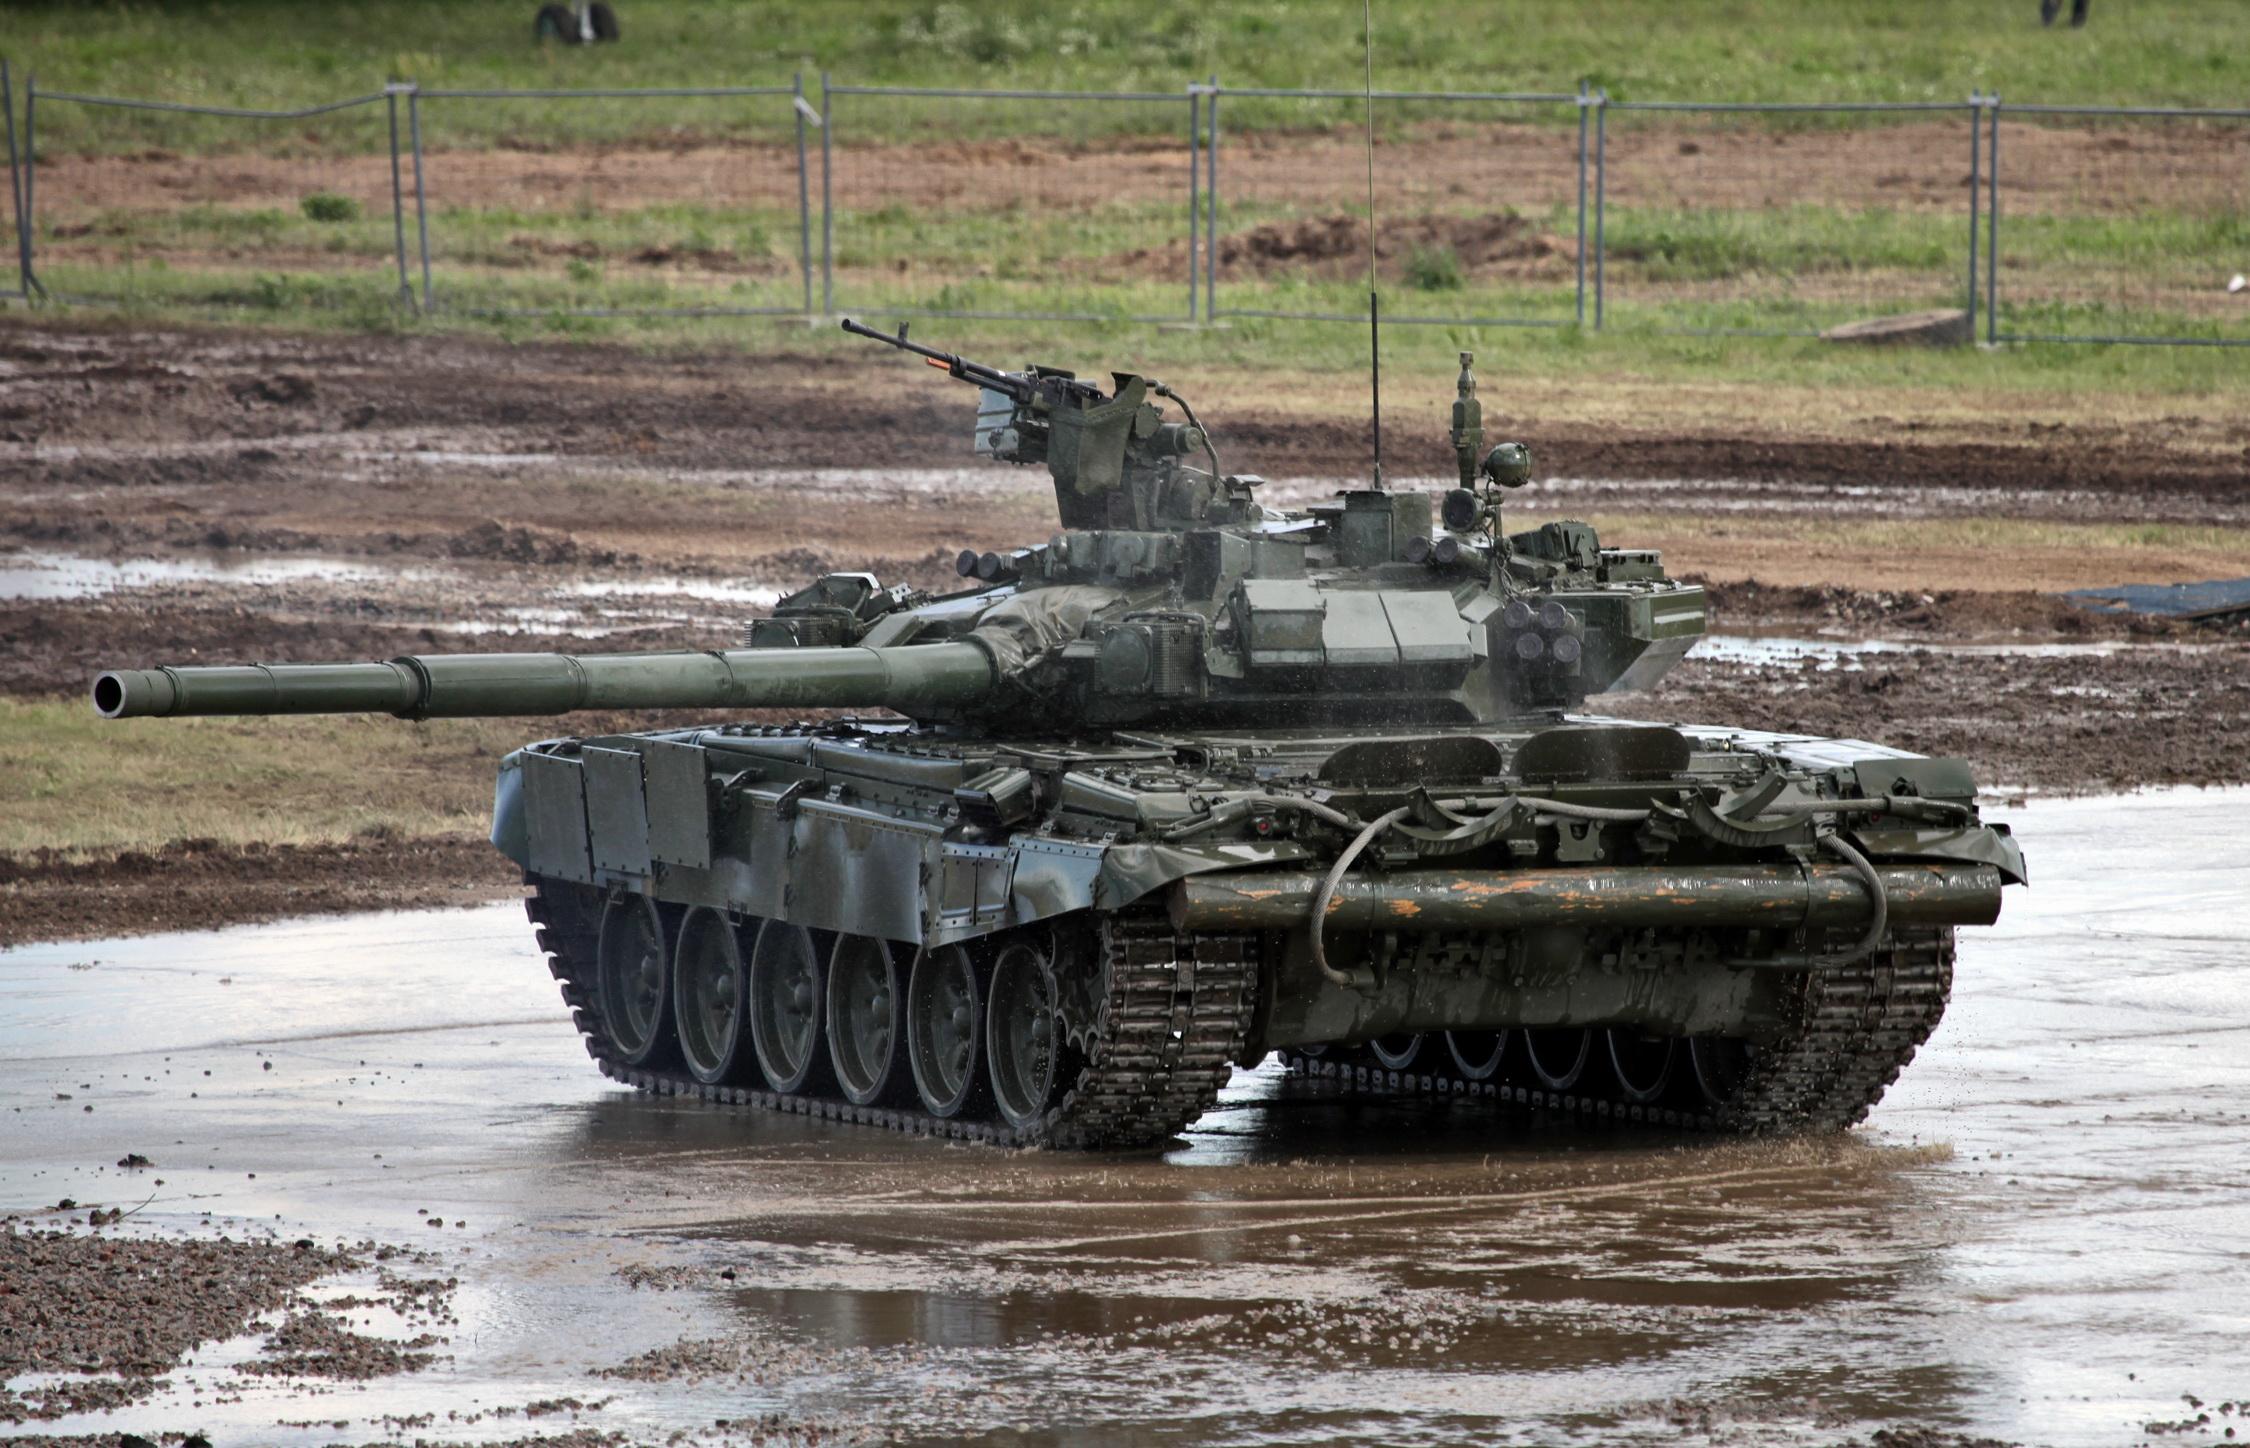 T-90 vs M1A1/2 comparison - Page 4 T-90A_MBT_photo014